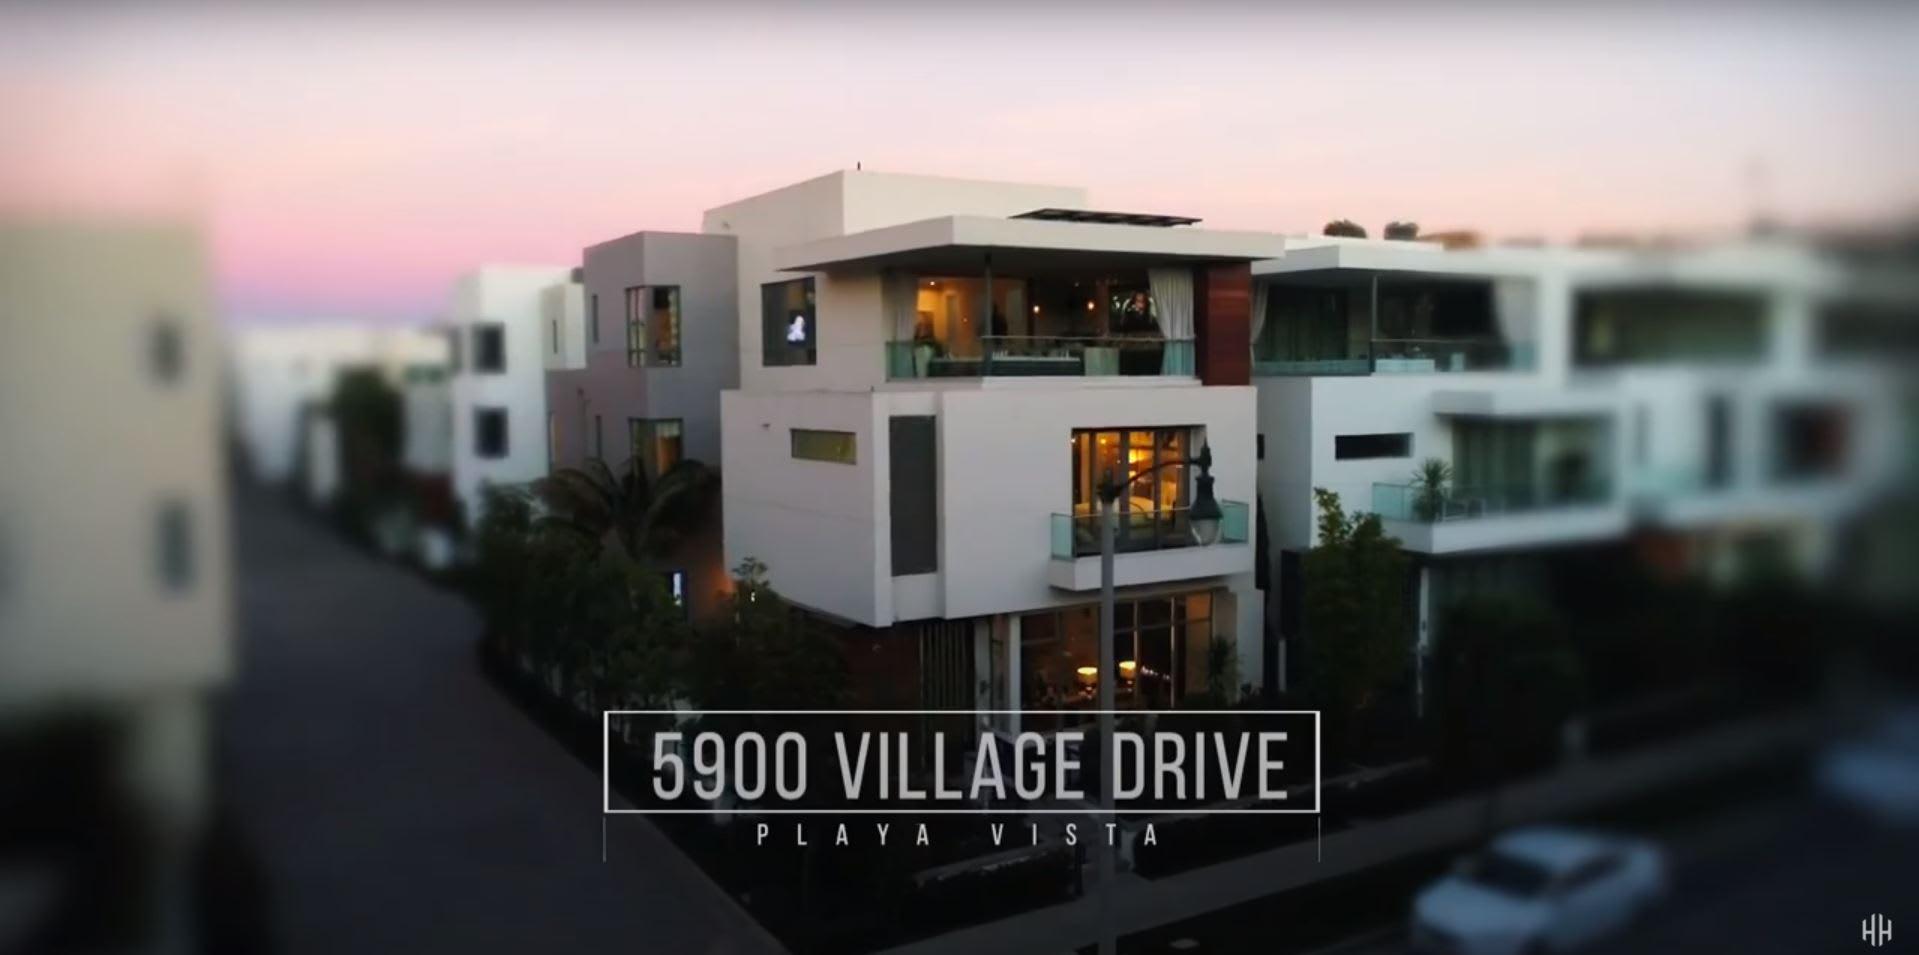 5900 Village Drive | Playa Vista video preview